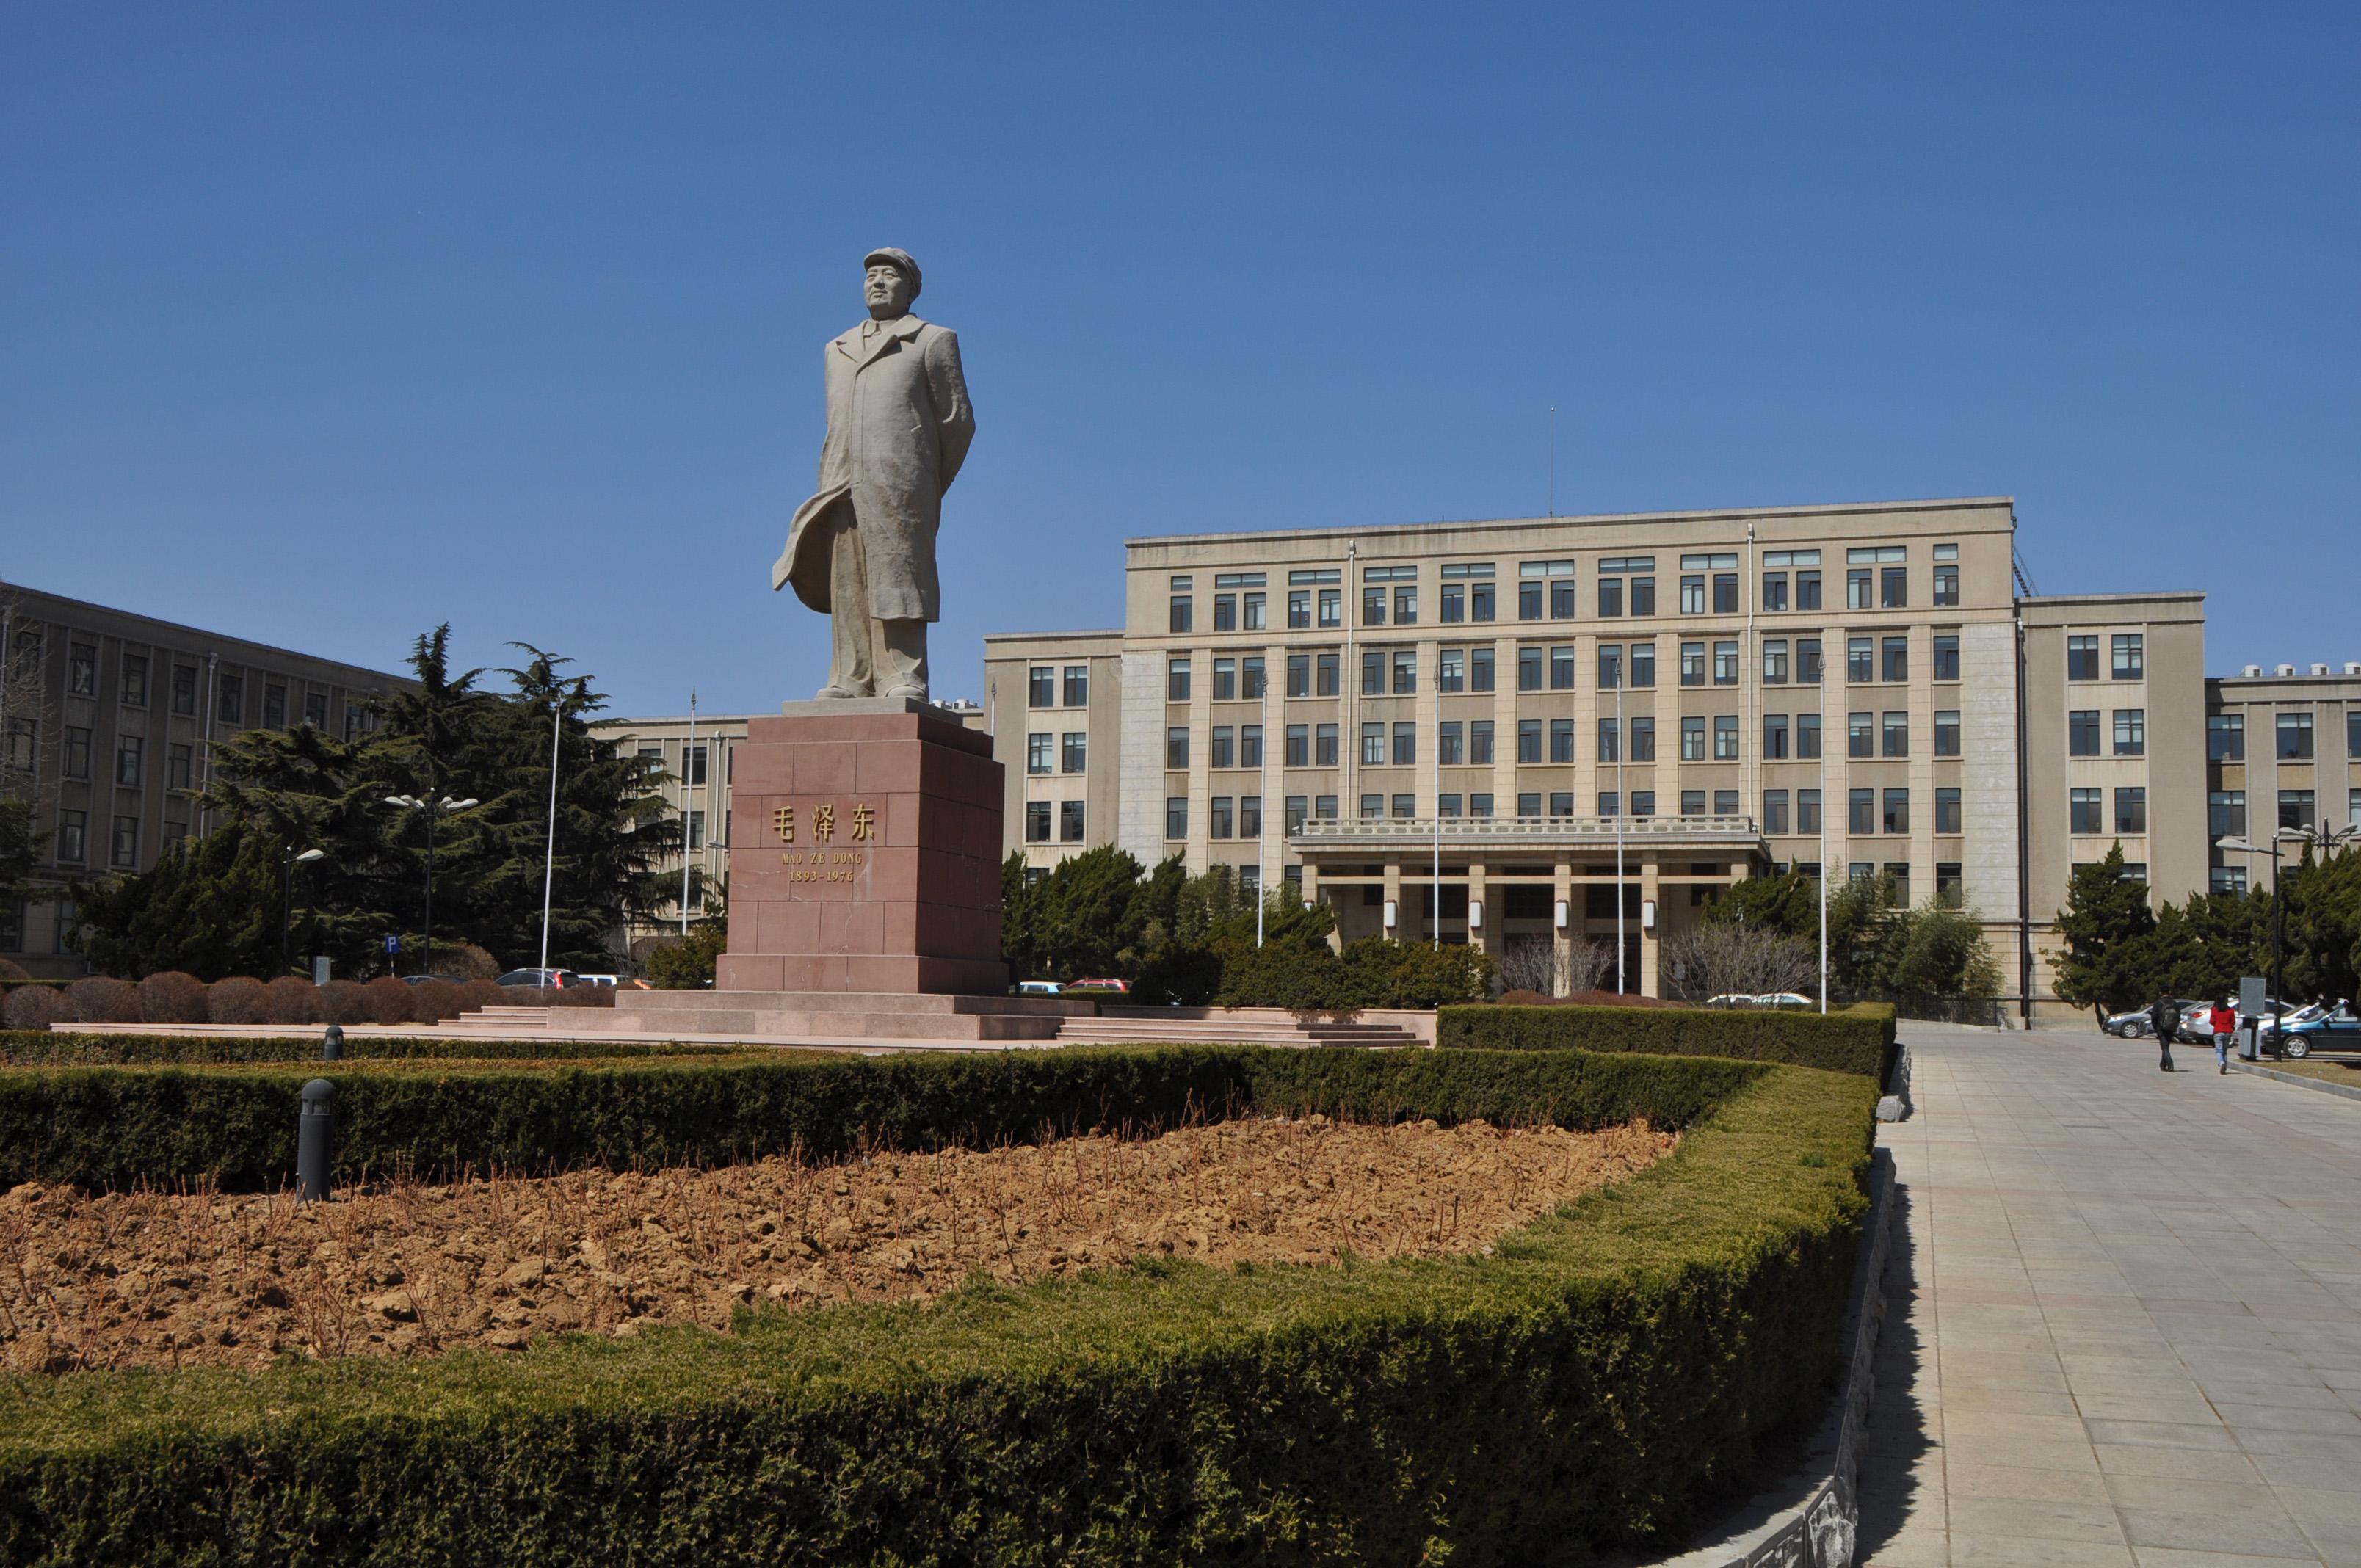 قابل توجه کلیه دانش آموزان و دانشجویان علاقهمند به تحصیل در دانشگاه های معتبر چین